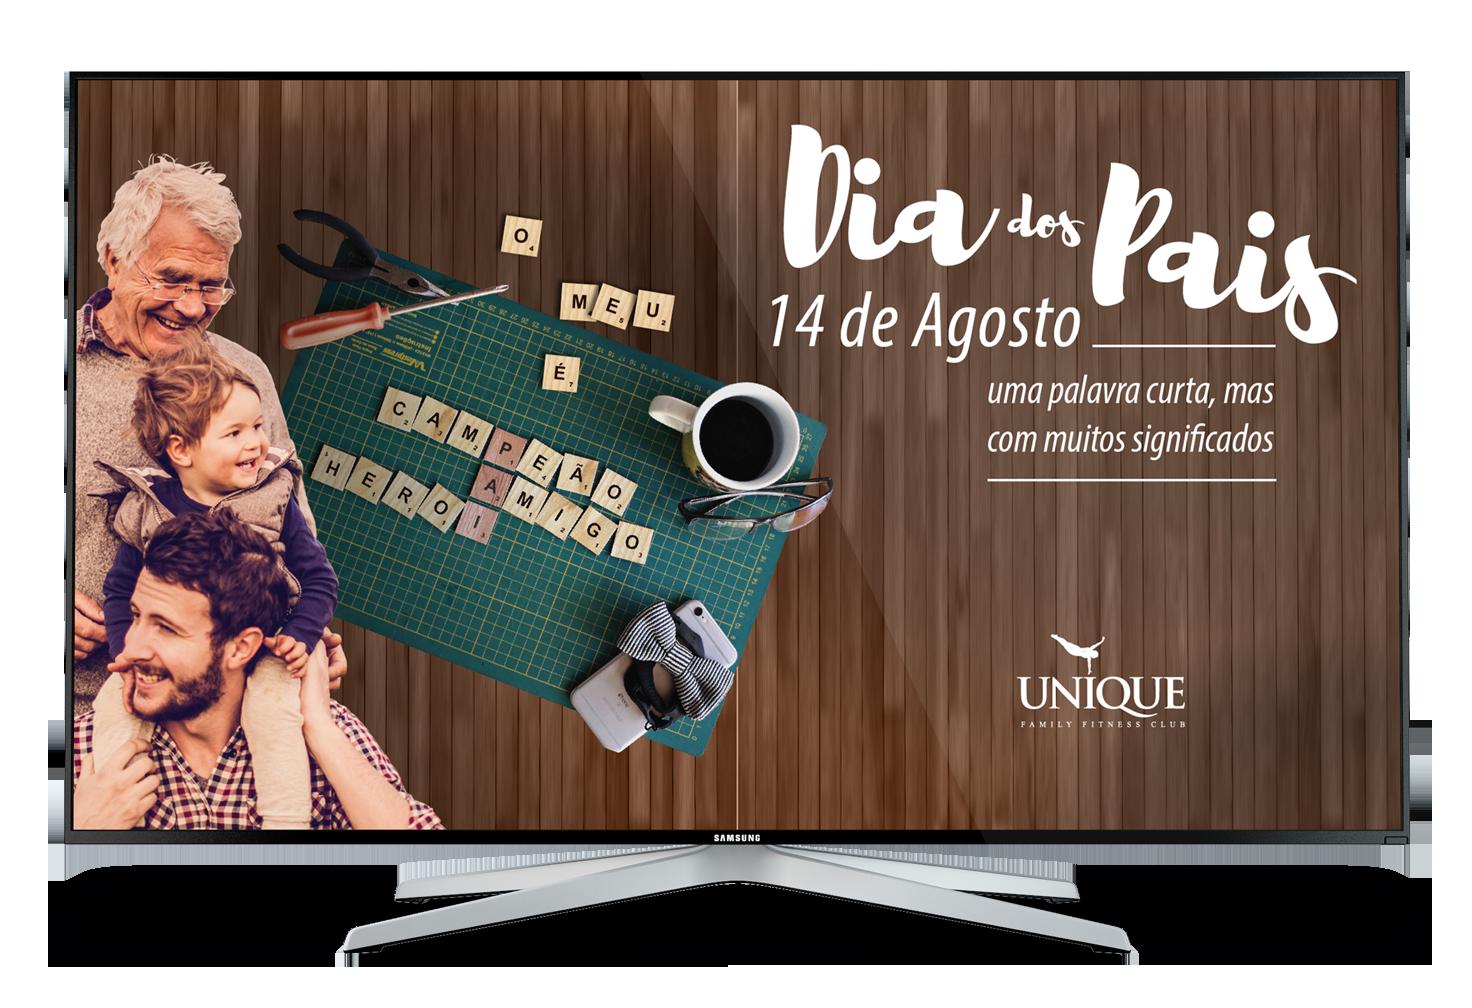 Check out my @Behance project: \u201cHomenagem - Dia dos Pais\u201d https://www.behance.net/gallery/47952555/Homenagem-Dia-dos-Pais